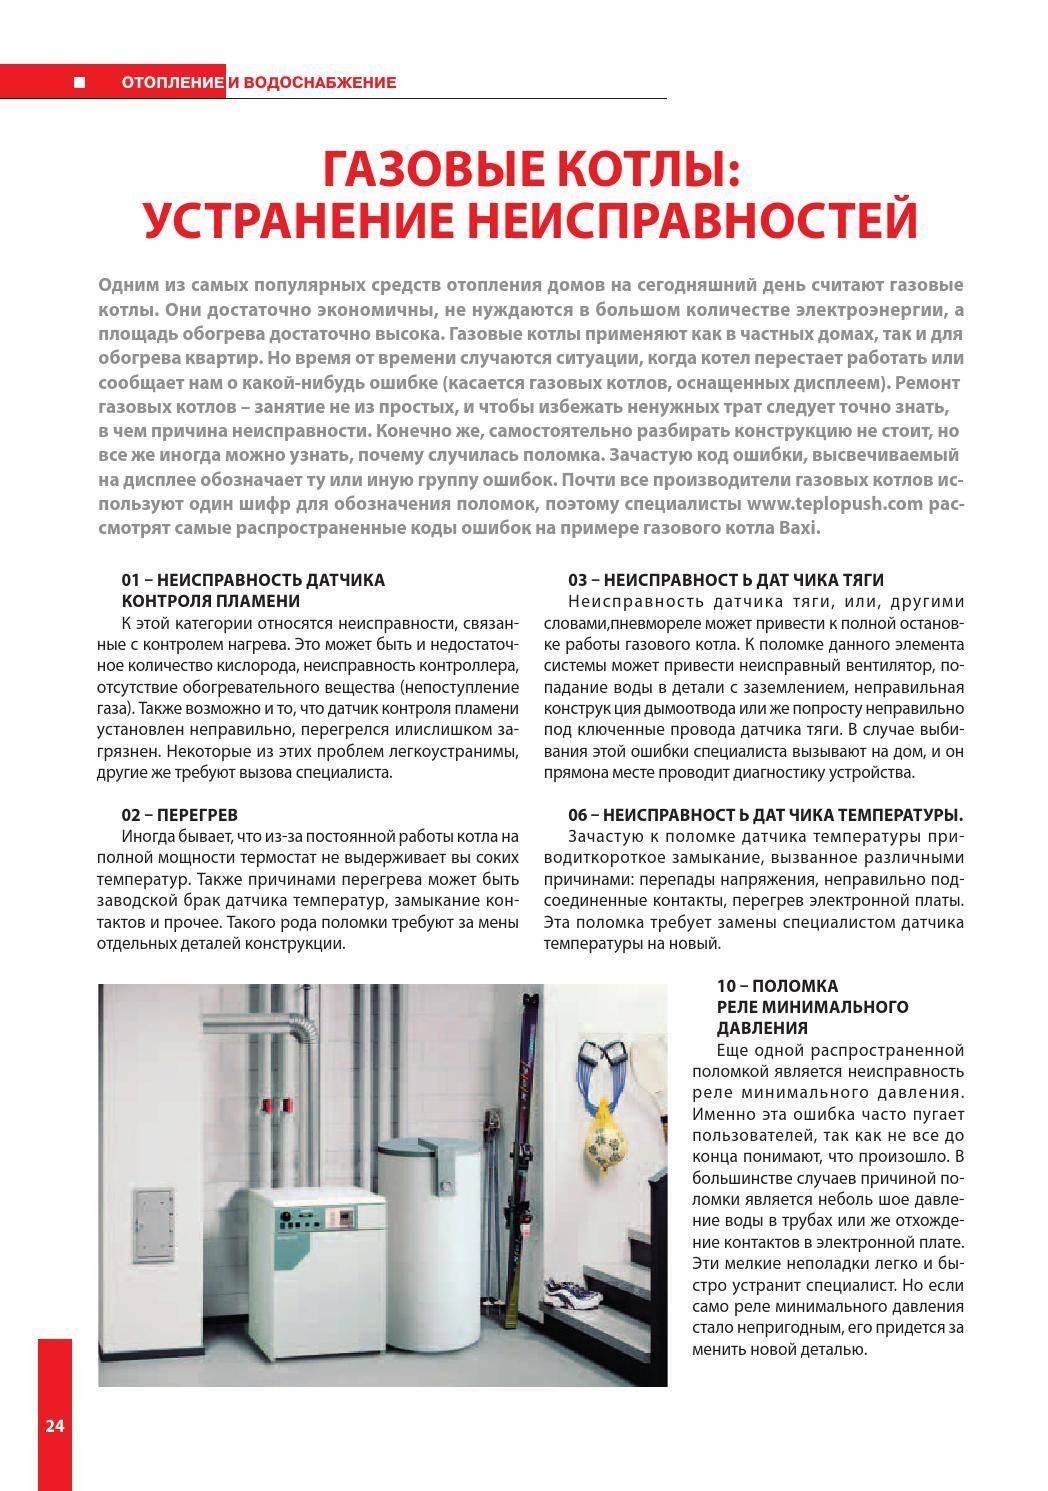 Правила замены газового котла в частном доме: как поменять котел отопления, как заменить отопительный котел, документы